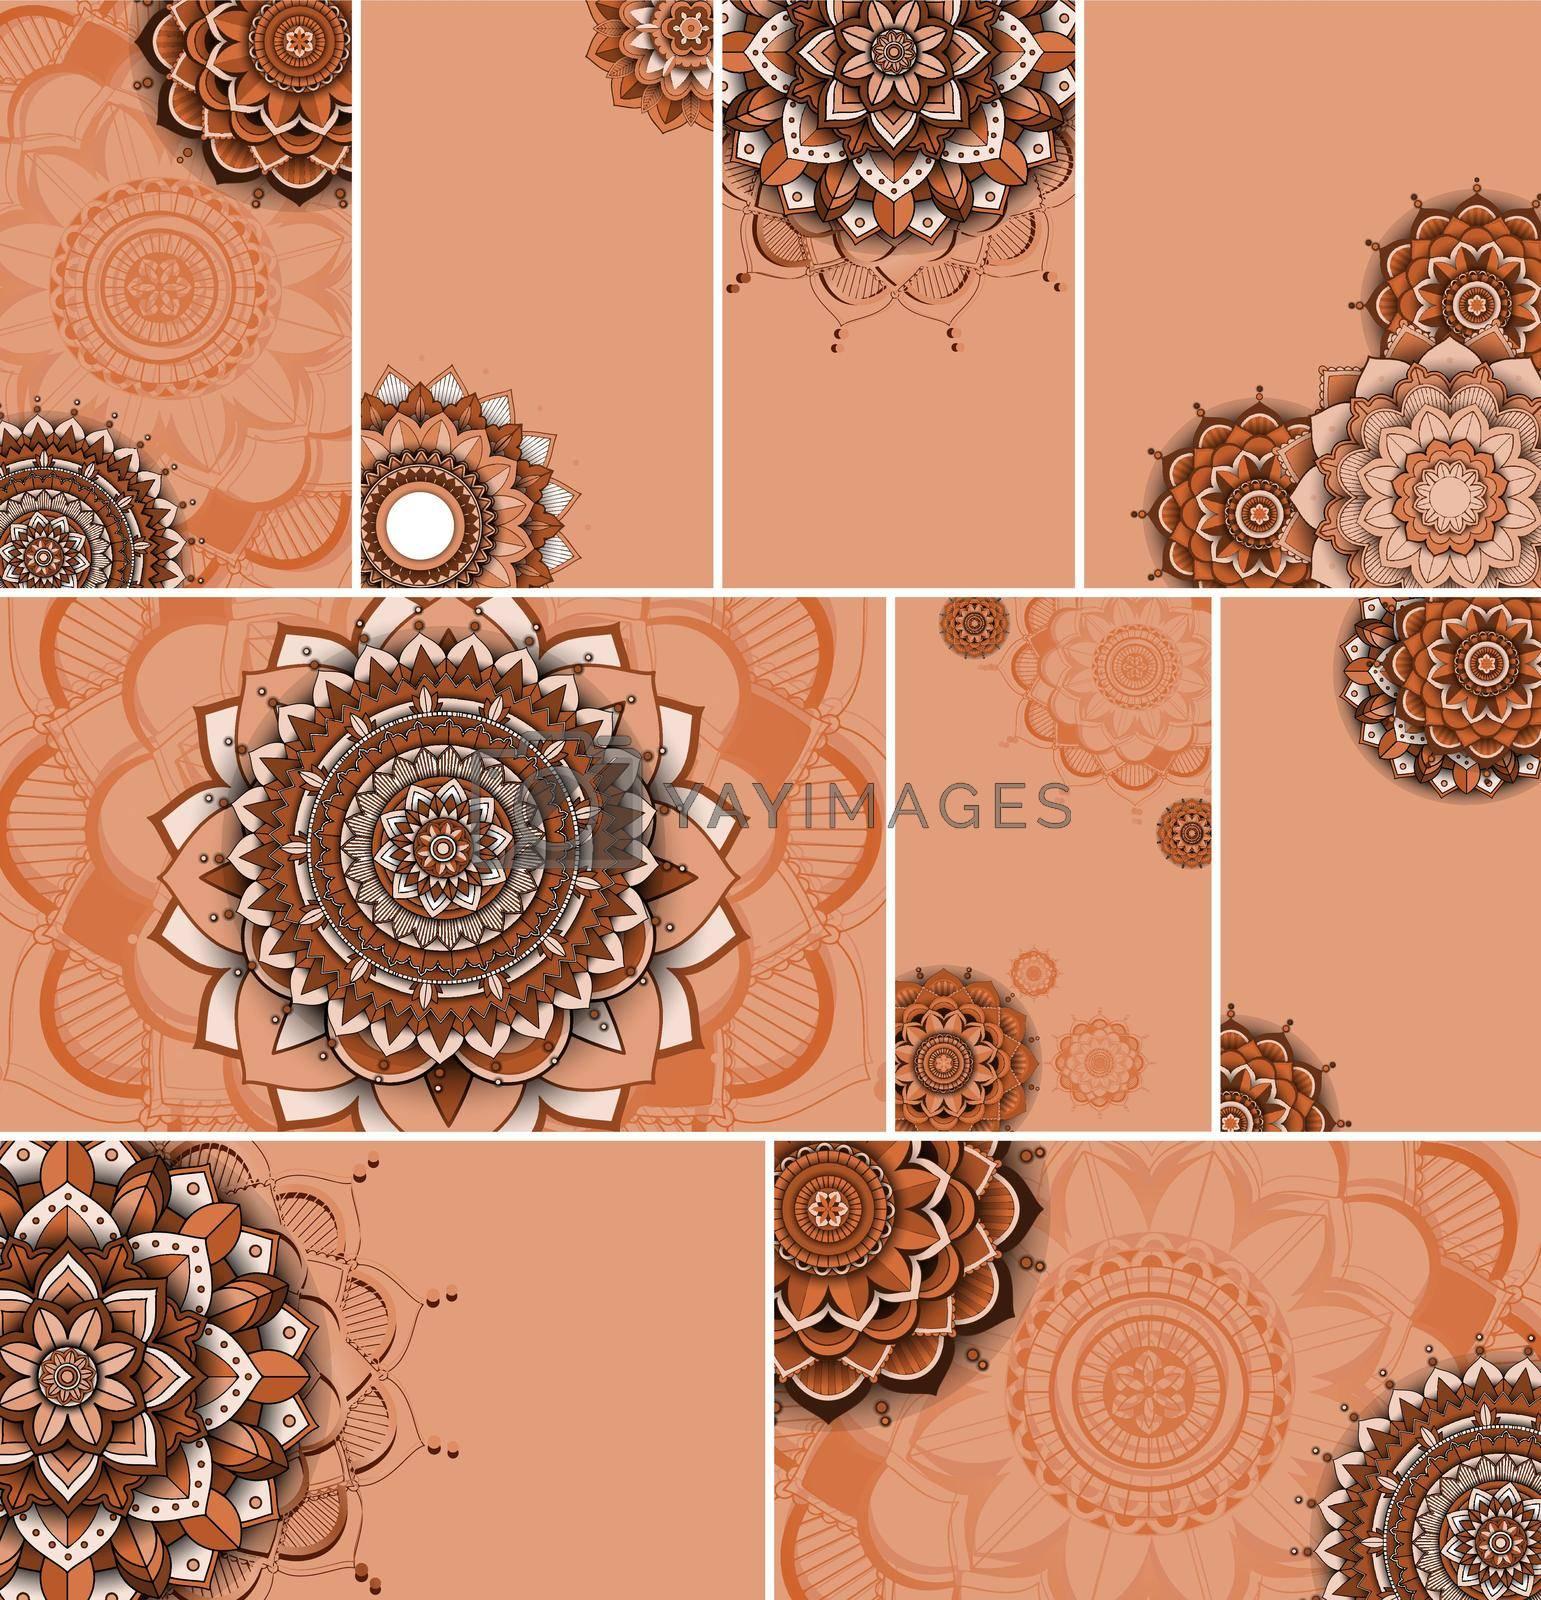 Beautiful mandala design background illustration